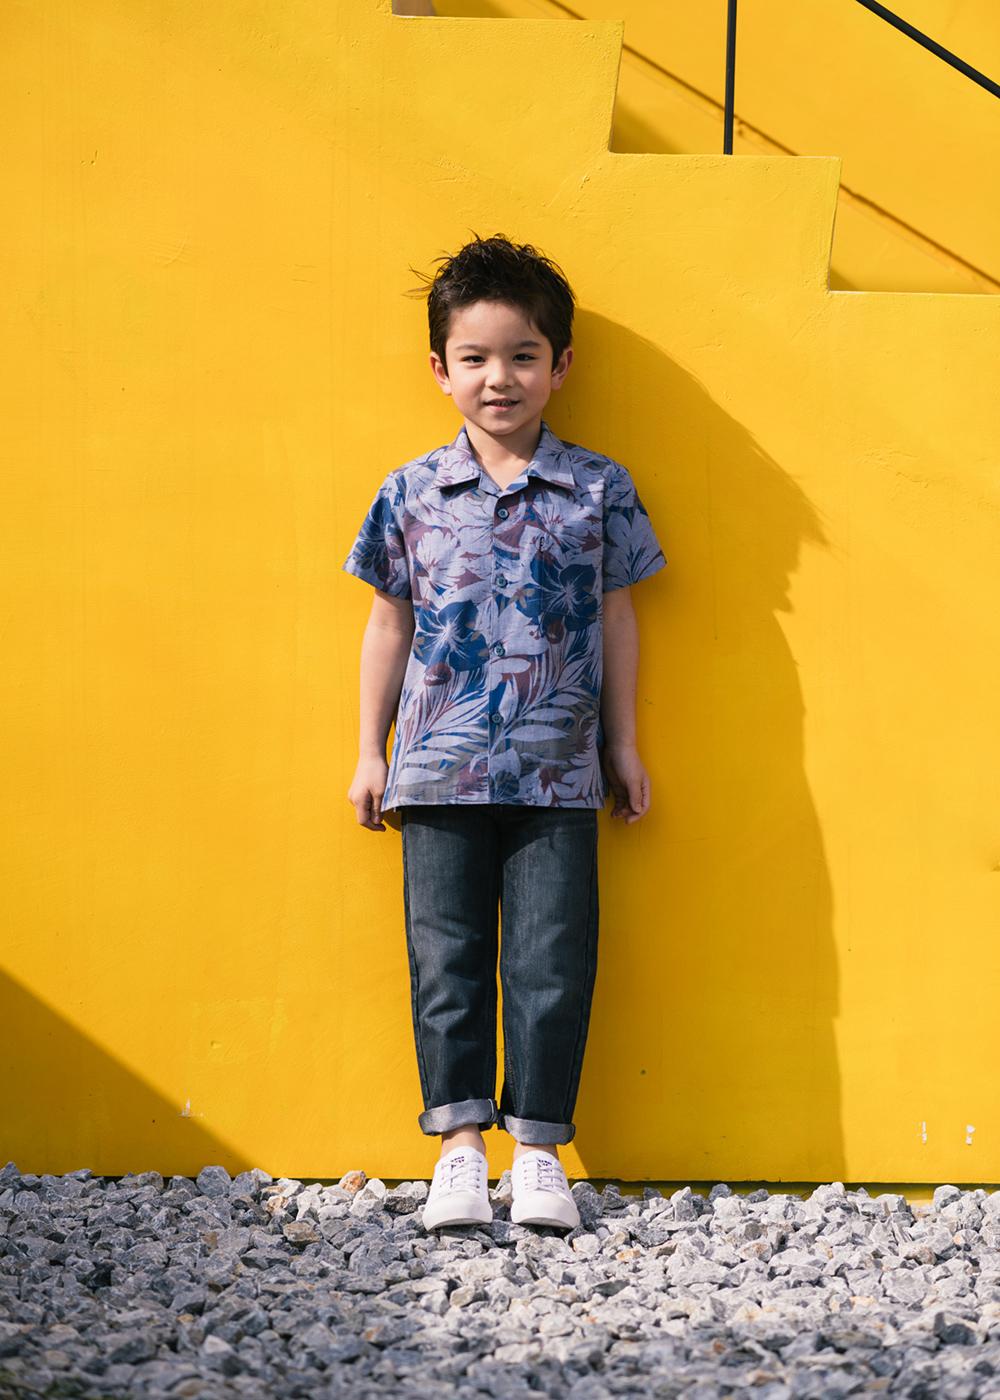 かりゆしウェア(沖縄版アロハシャツ) MAJUN - フロートブルーム(キッズシャツ)